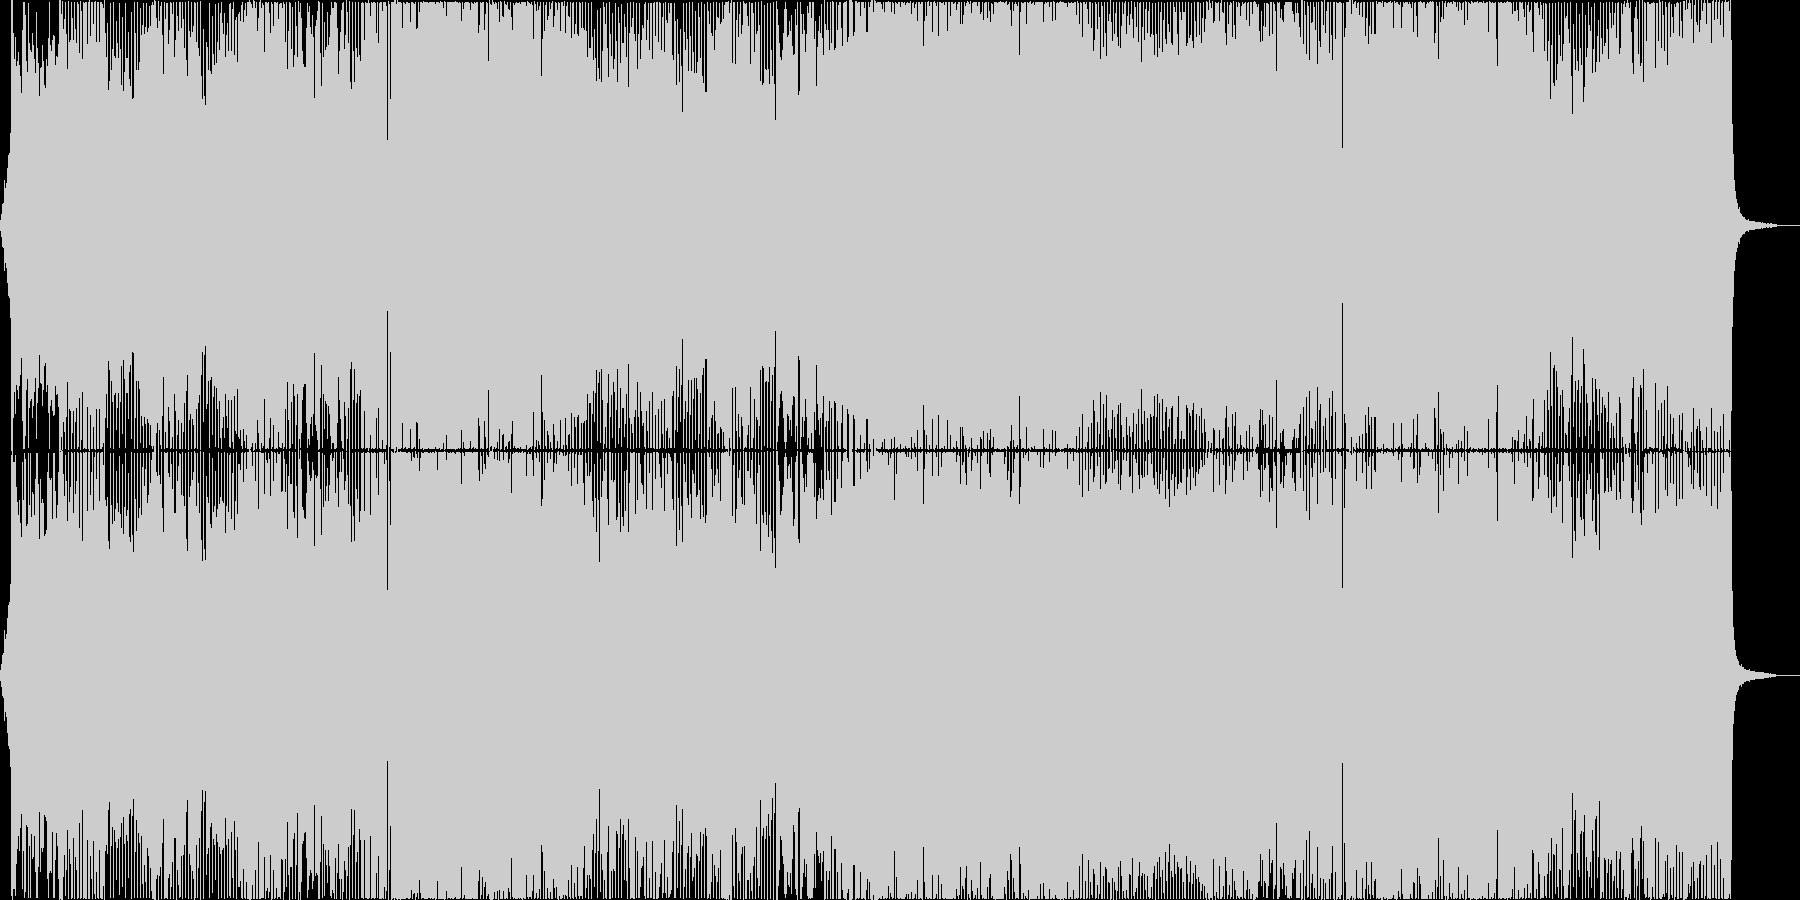 アニメ主題歌風のダンス曲_女性Voの未再生の波形